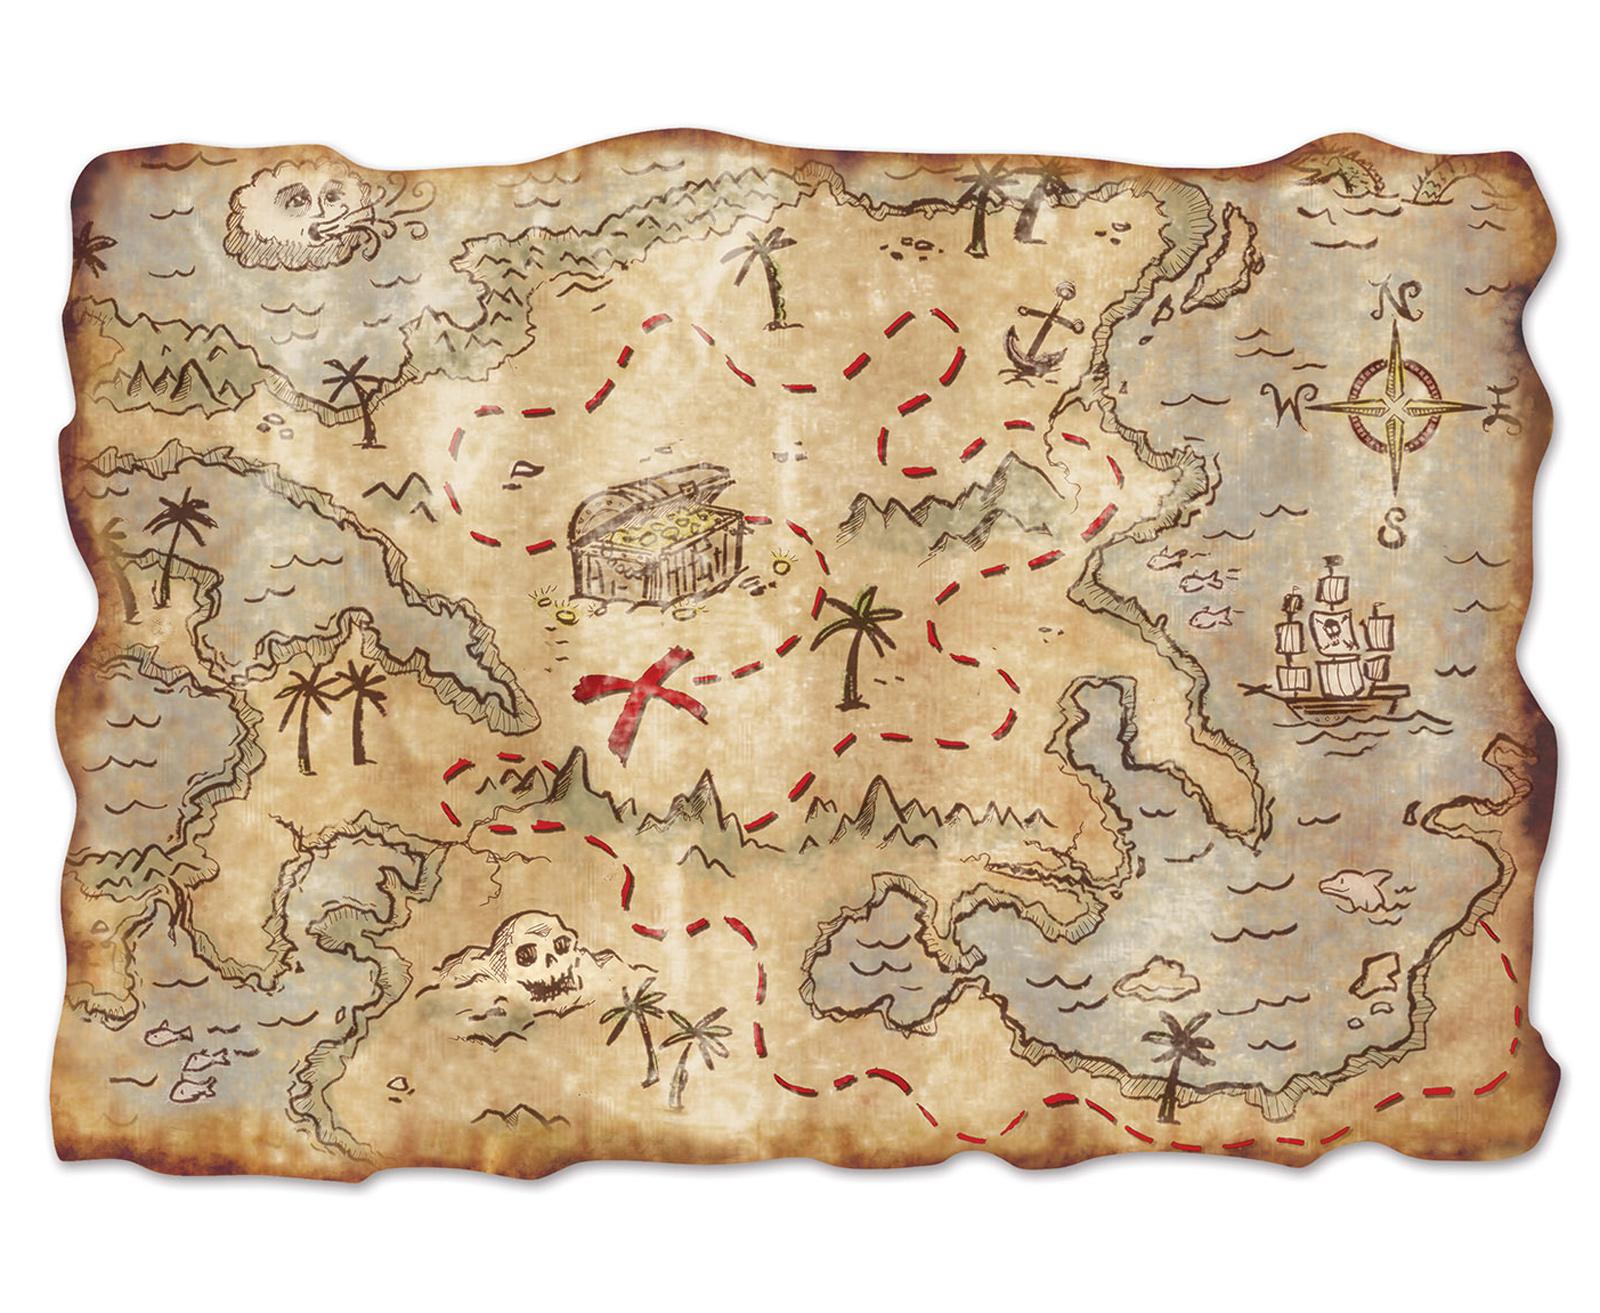 Jumbo Treasure Map Cutout